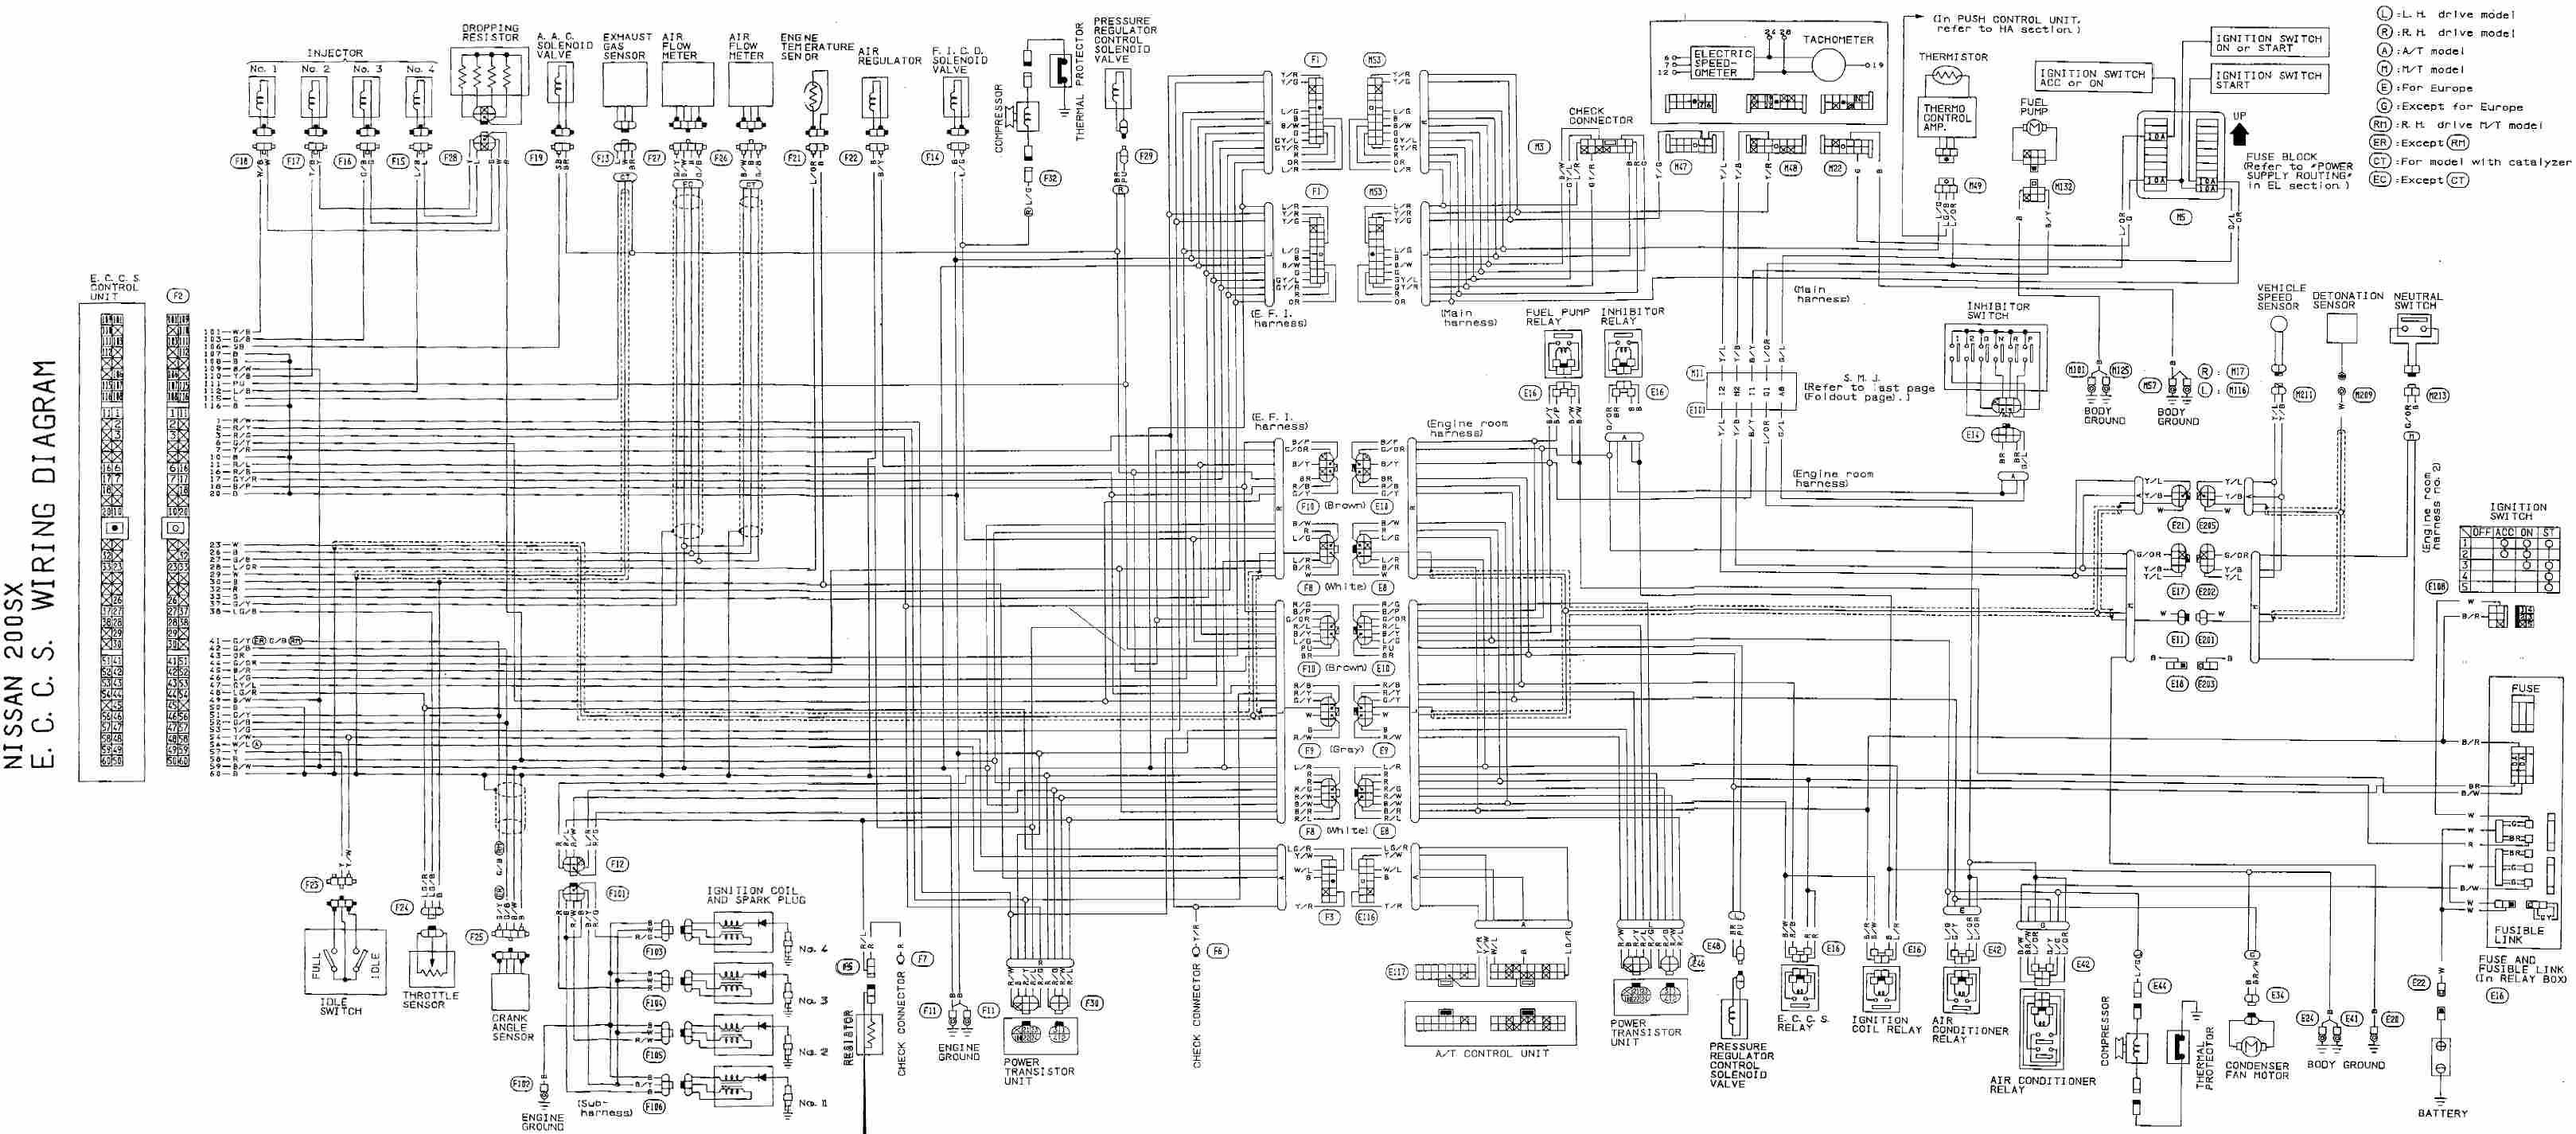 hight resolution of nissan atlas wiring diagram wiring library 1987 nissan wiring schematics nissan wiring schematics